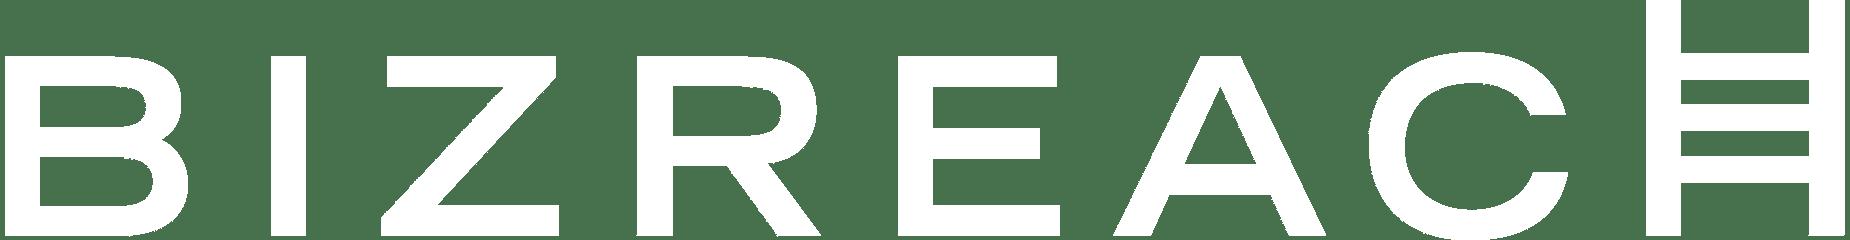 選ばれた人だけの会員制転職サイト BIZREACH